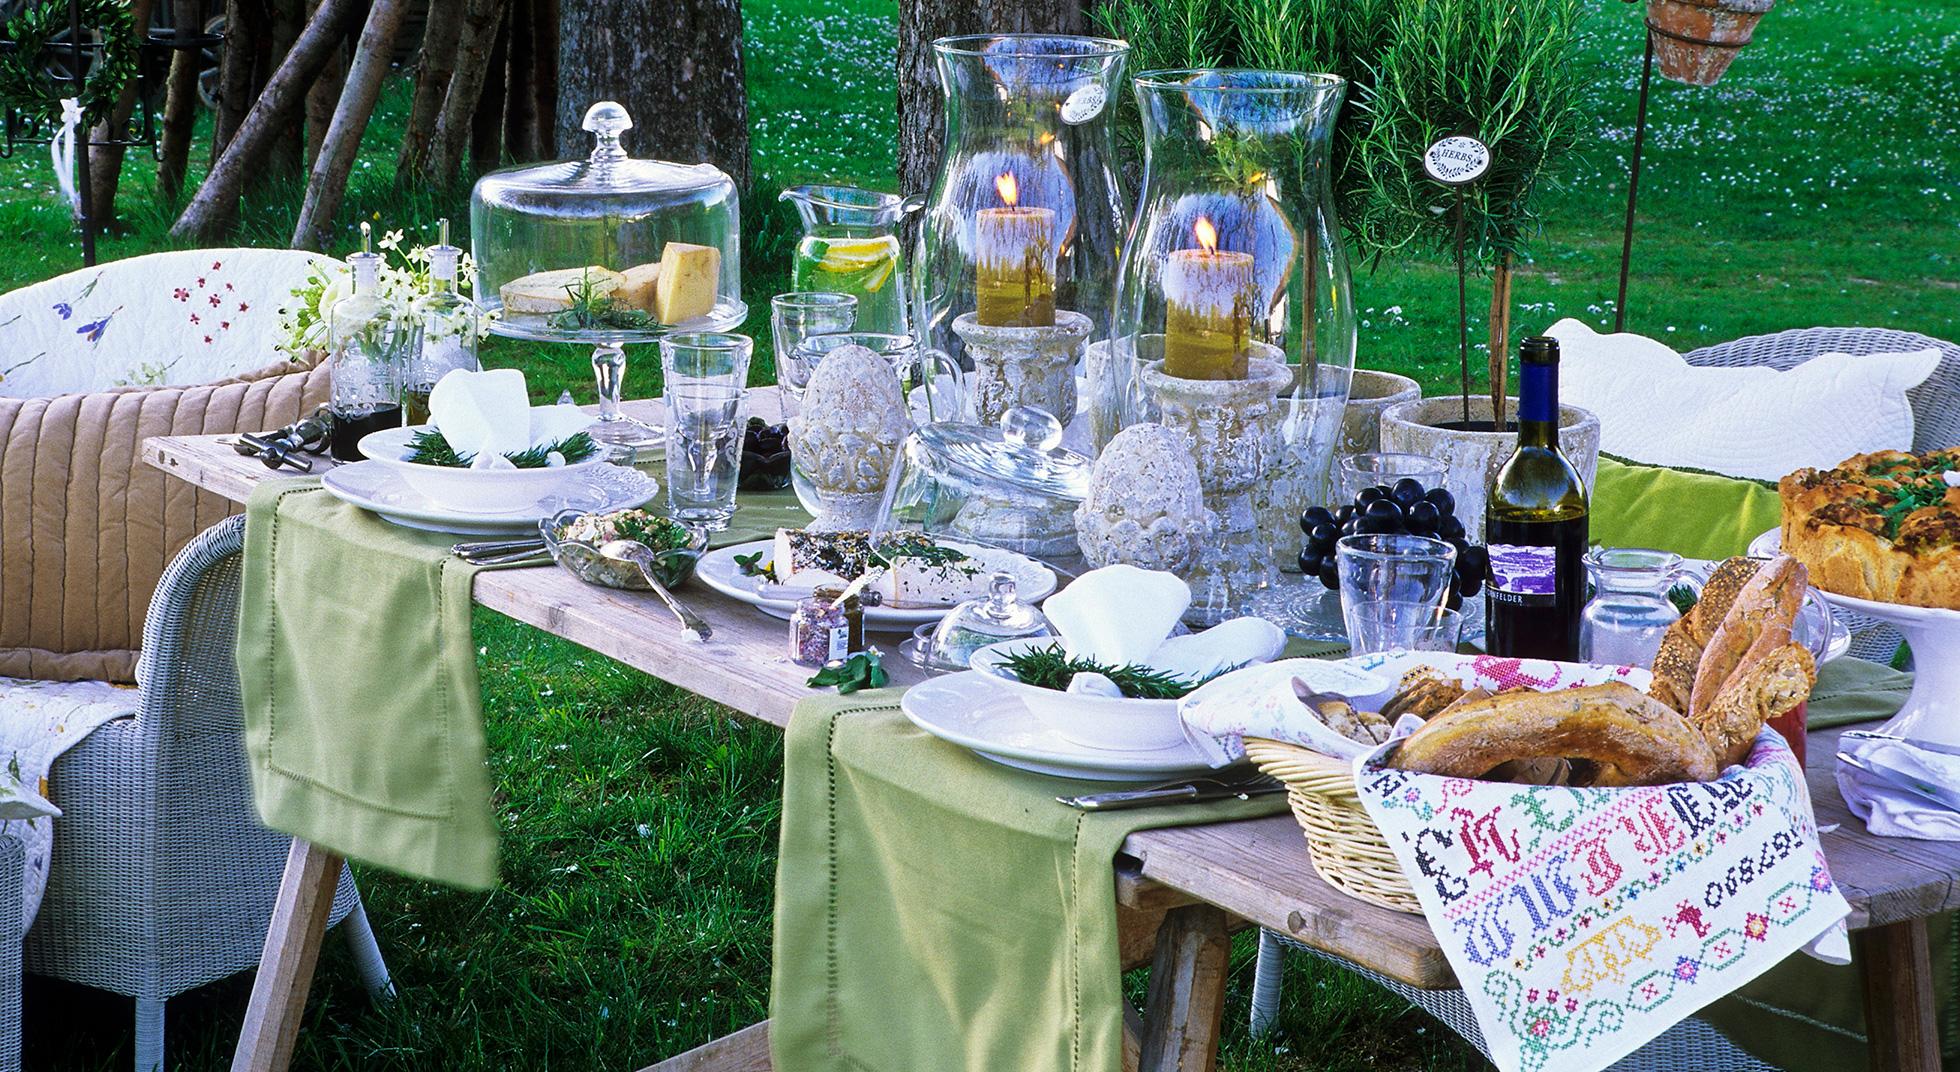 come apparecchiare la tavola per una cena in giardino